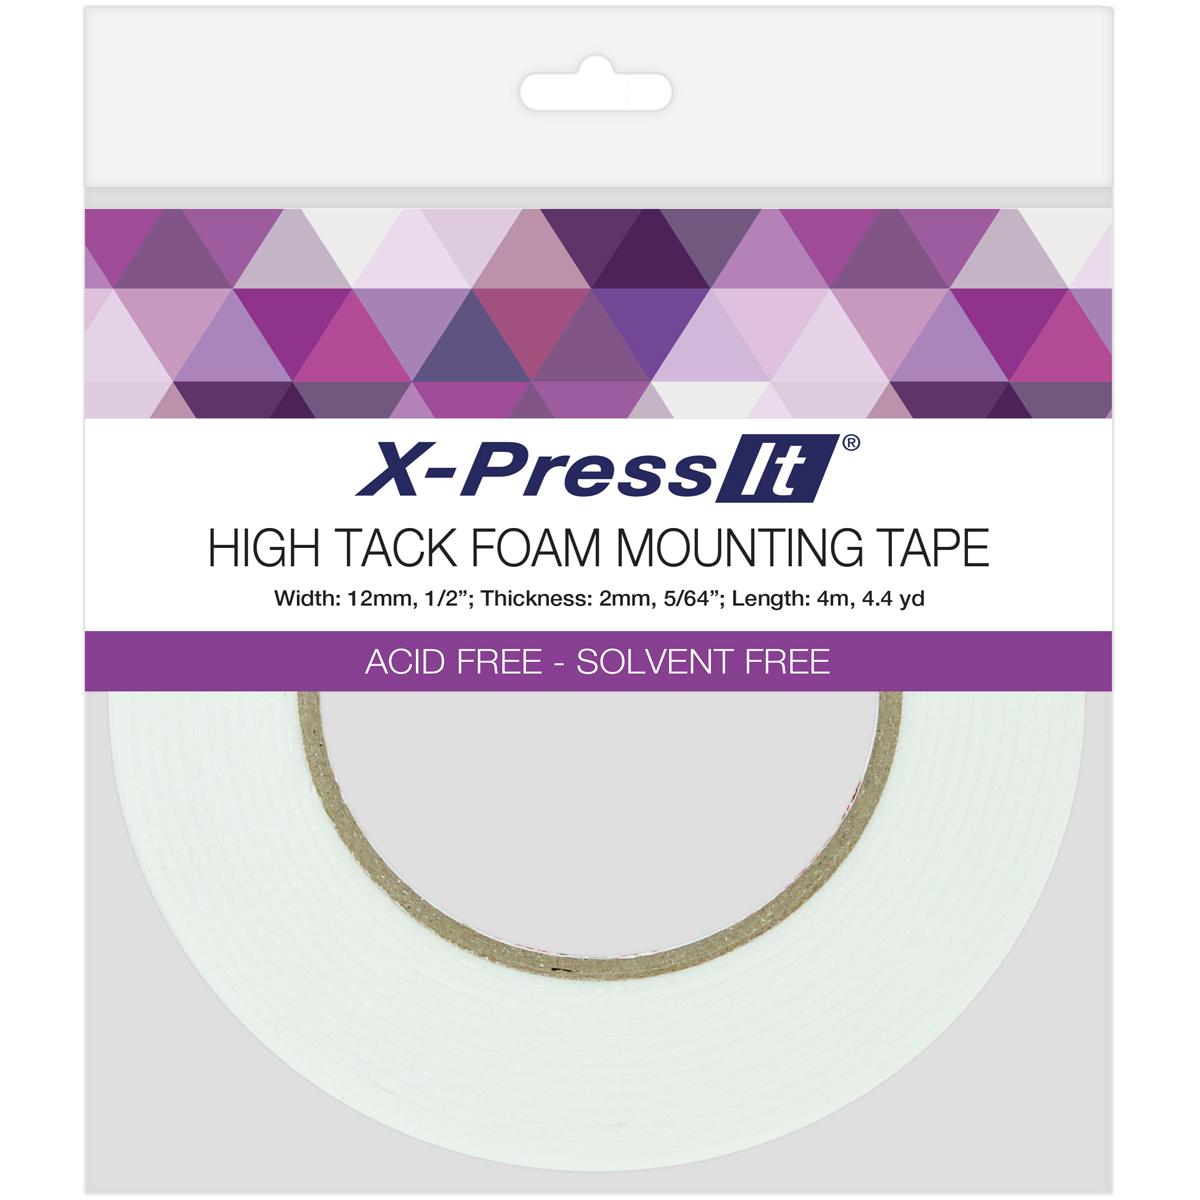 X-Press It High Tack Foam Mounting Tape-.5X4.4yd